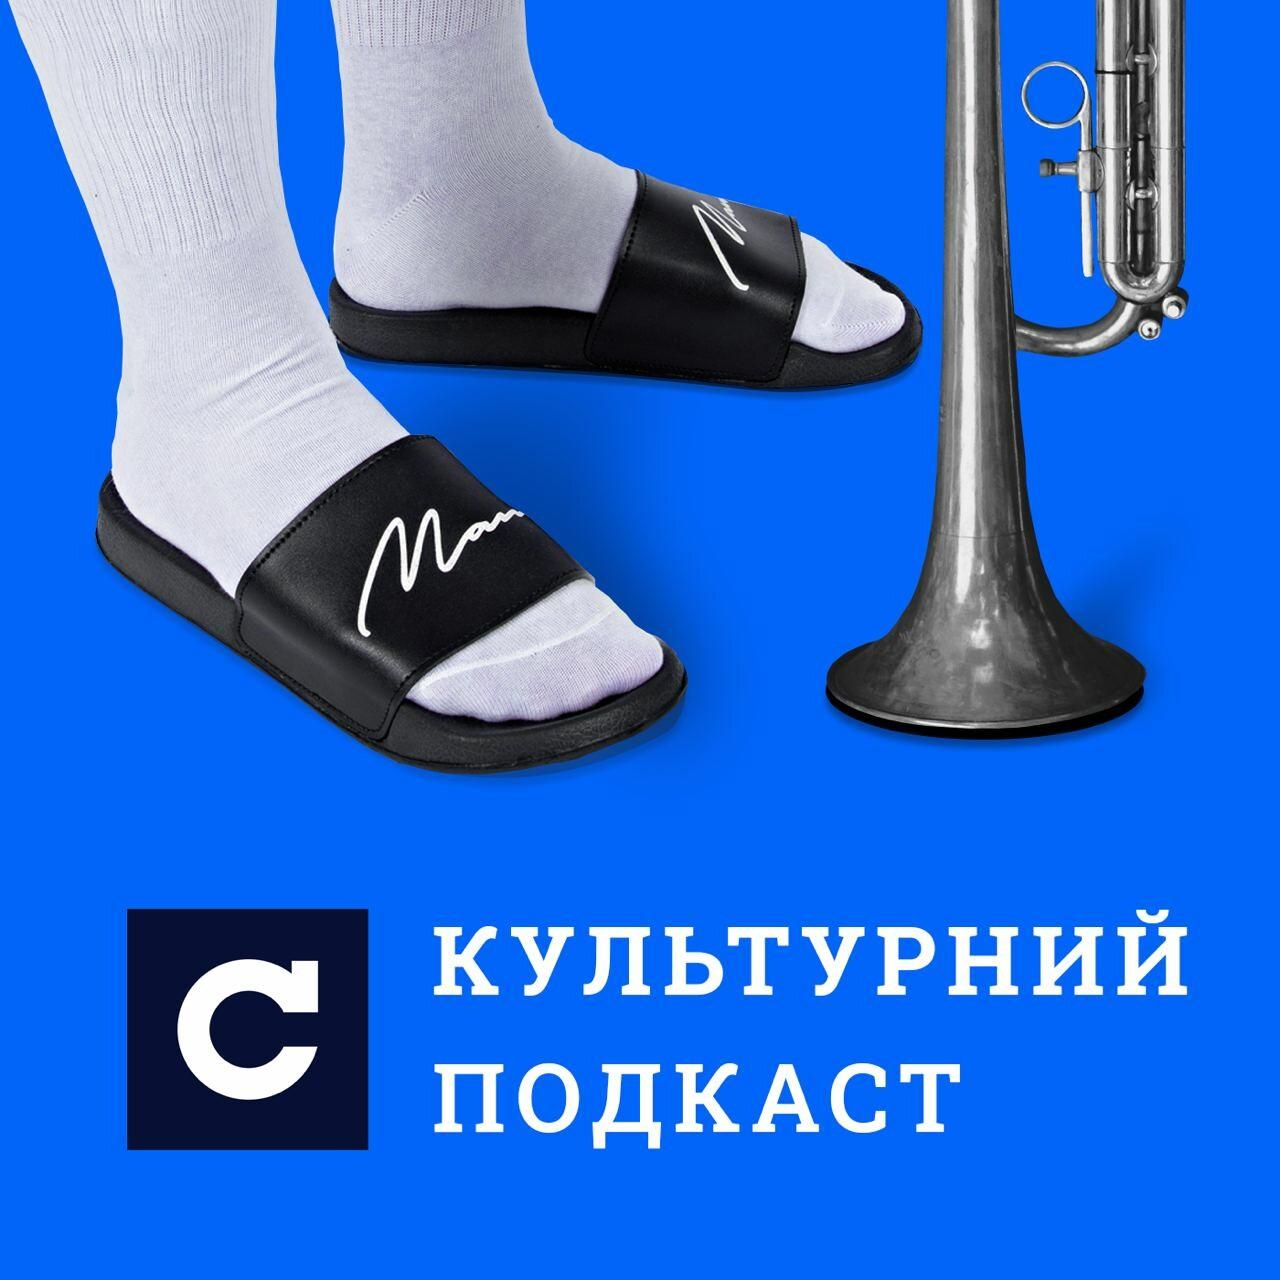 Що не так (або так) з українським репом? В гостях Культурного подкасту – OTOY (Вячеслав Дрофа)